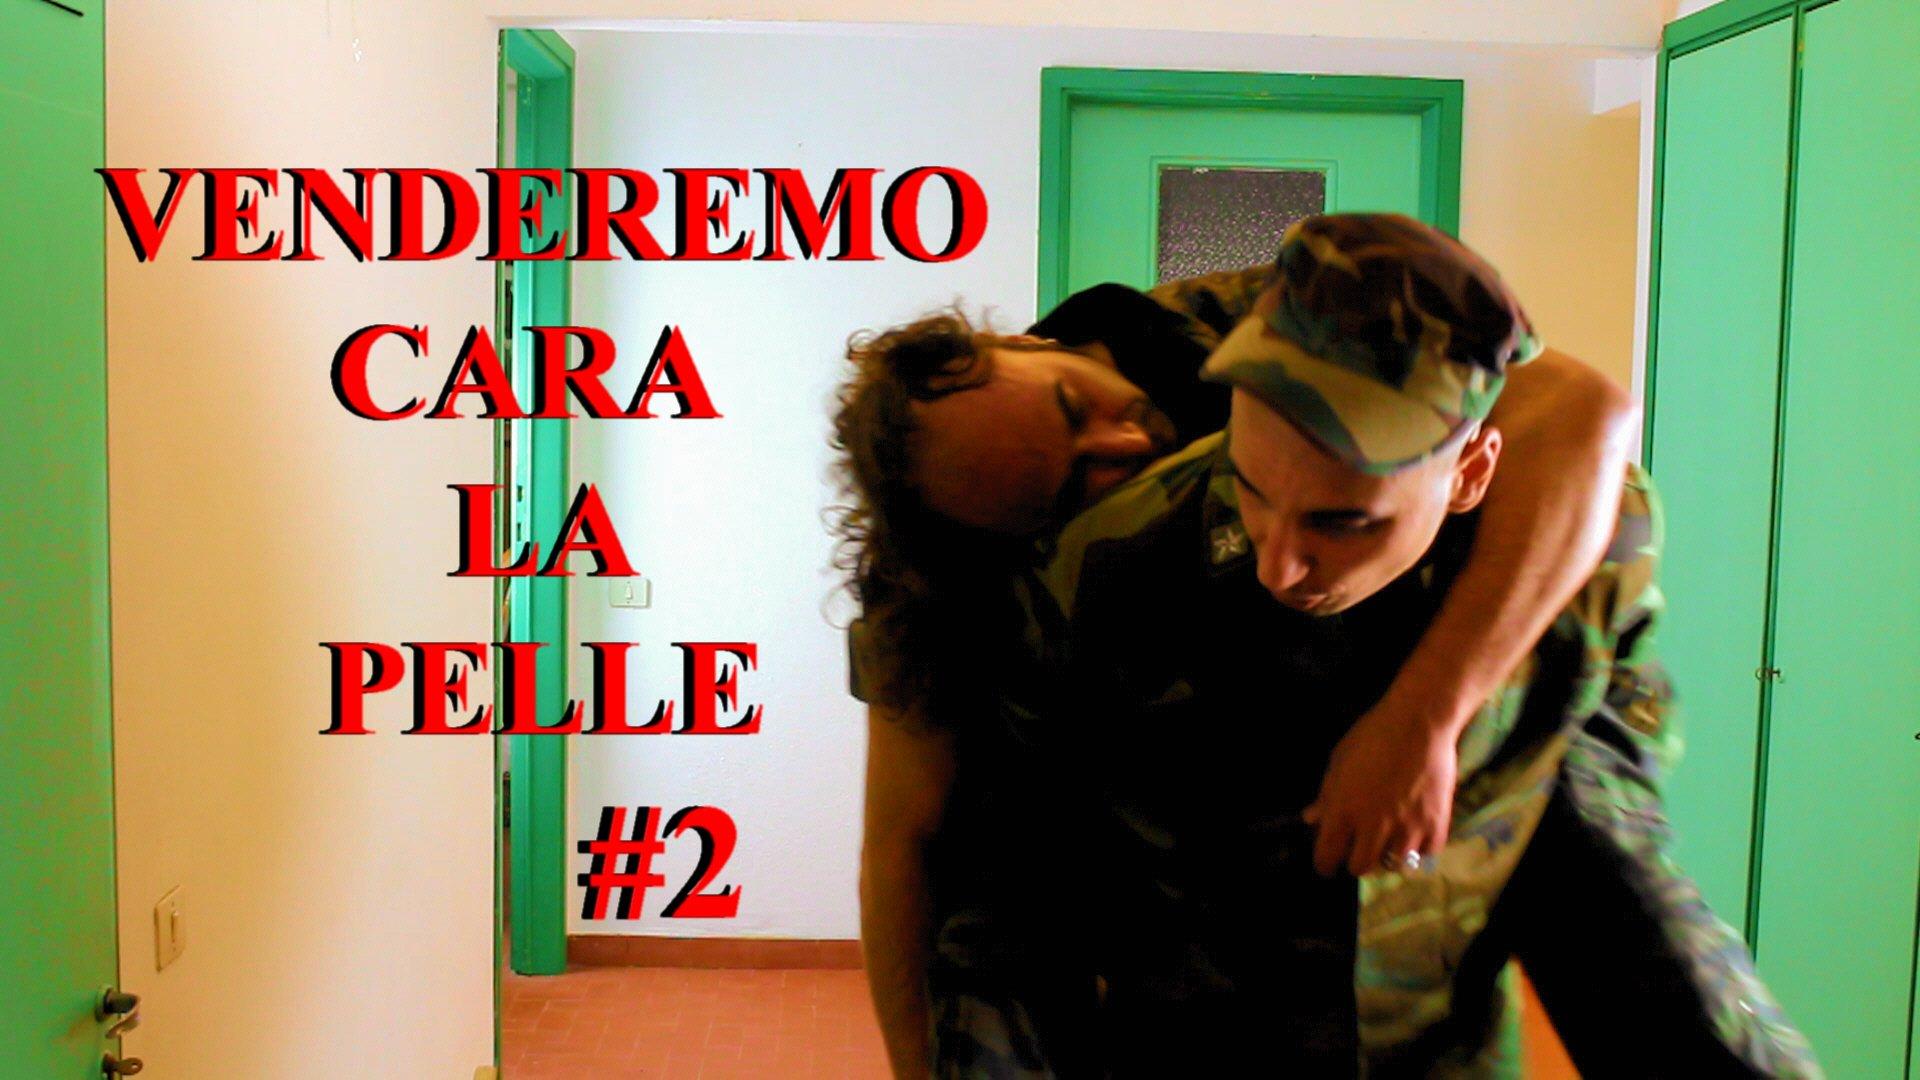 Roma Web Fest - 2 PERFETTE MACCHINE DA GUERRA ( VENDEREMO CARA LA PELLE )